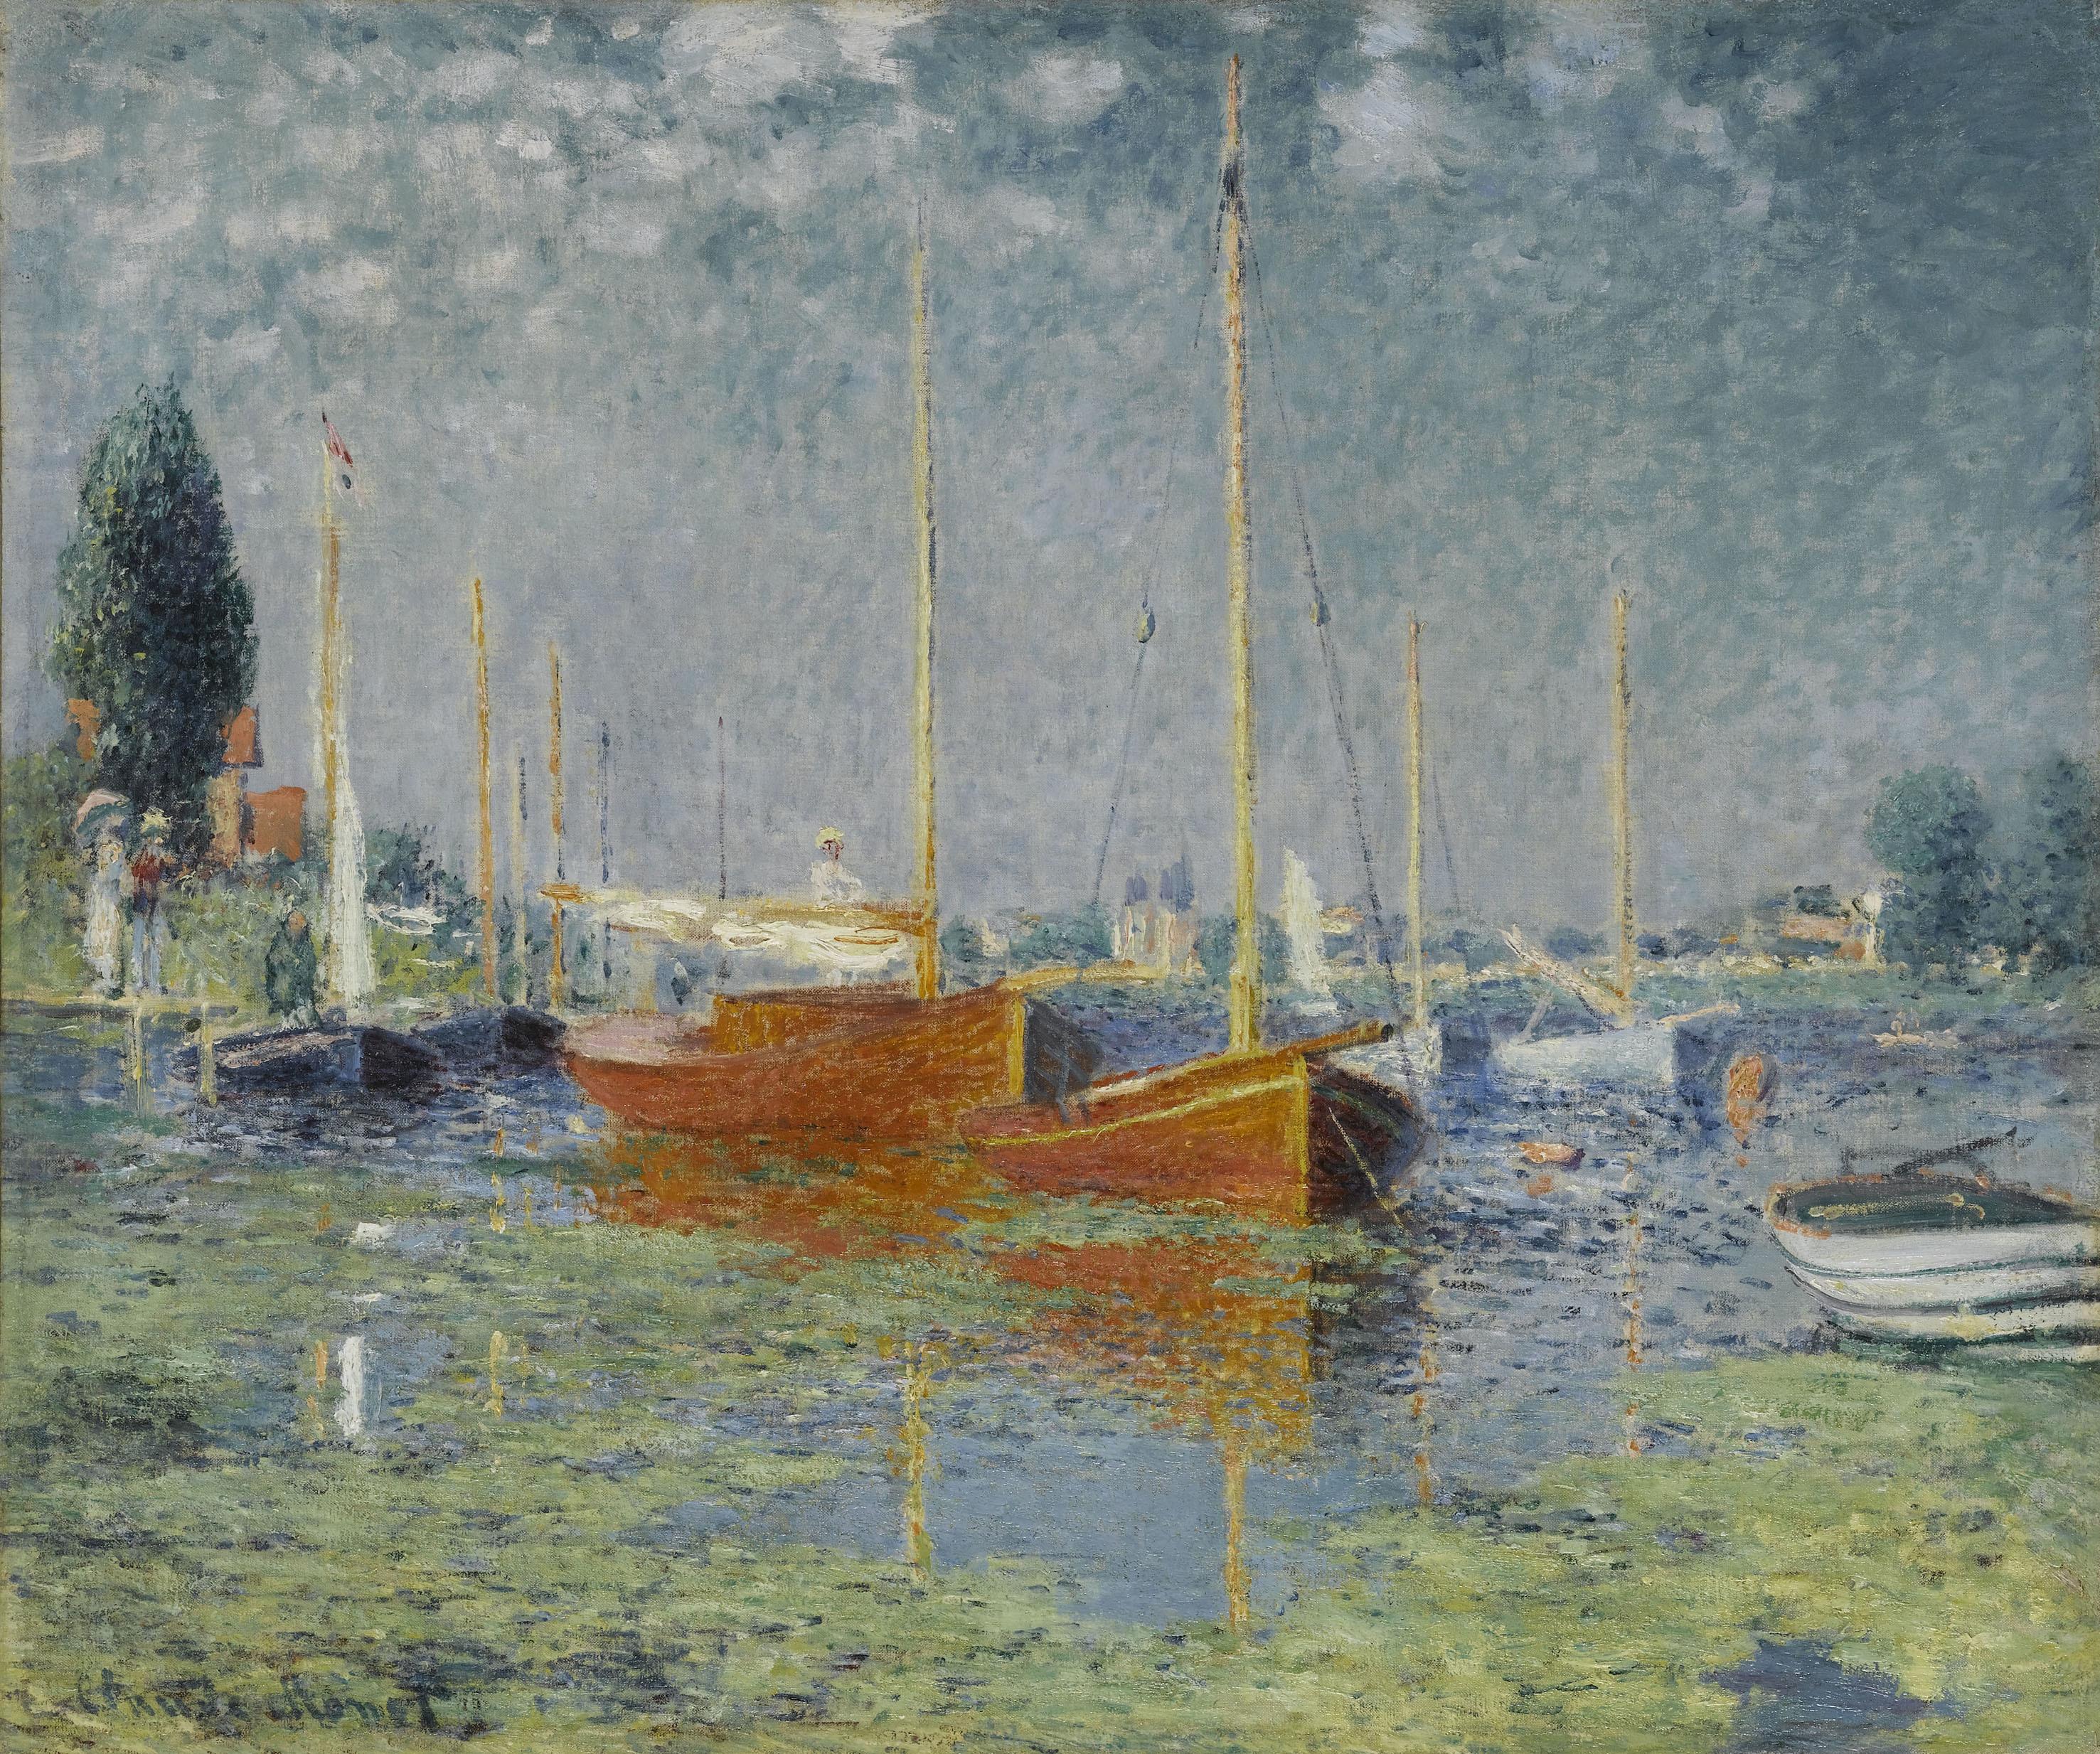 クロード・モネ《アルジャントゥイユ》1875年、油彩・カンヴァス、56×67cm、オランジュリー美術館